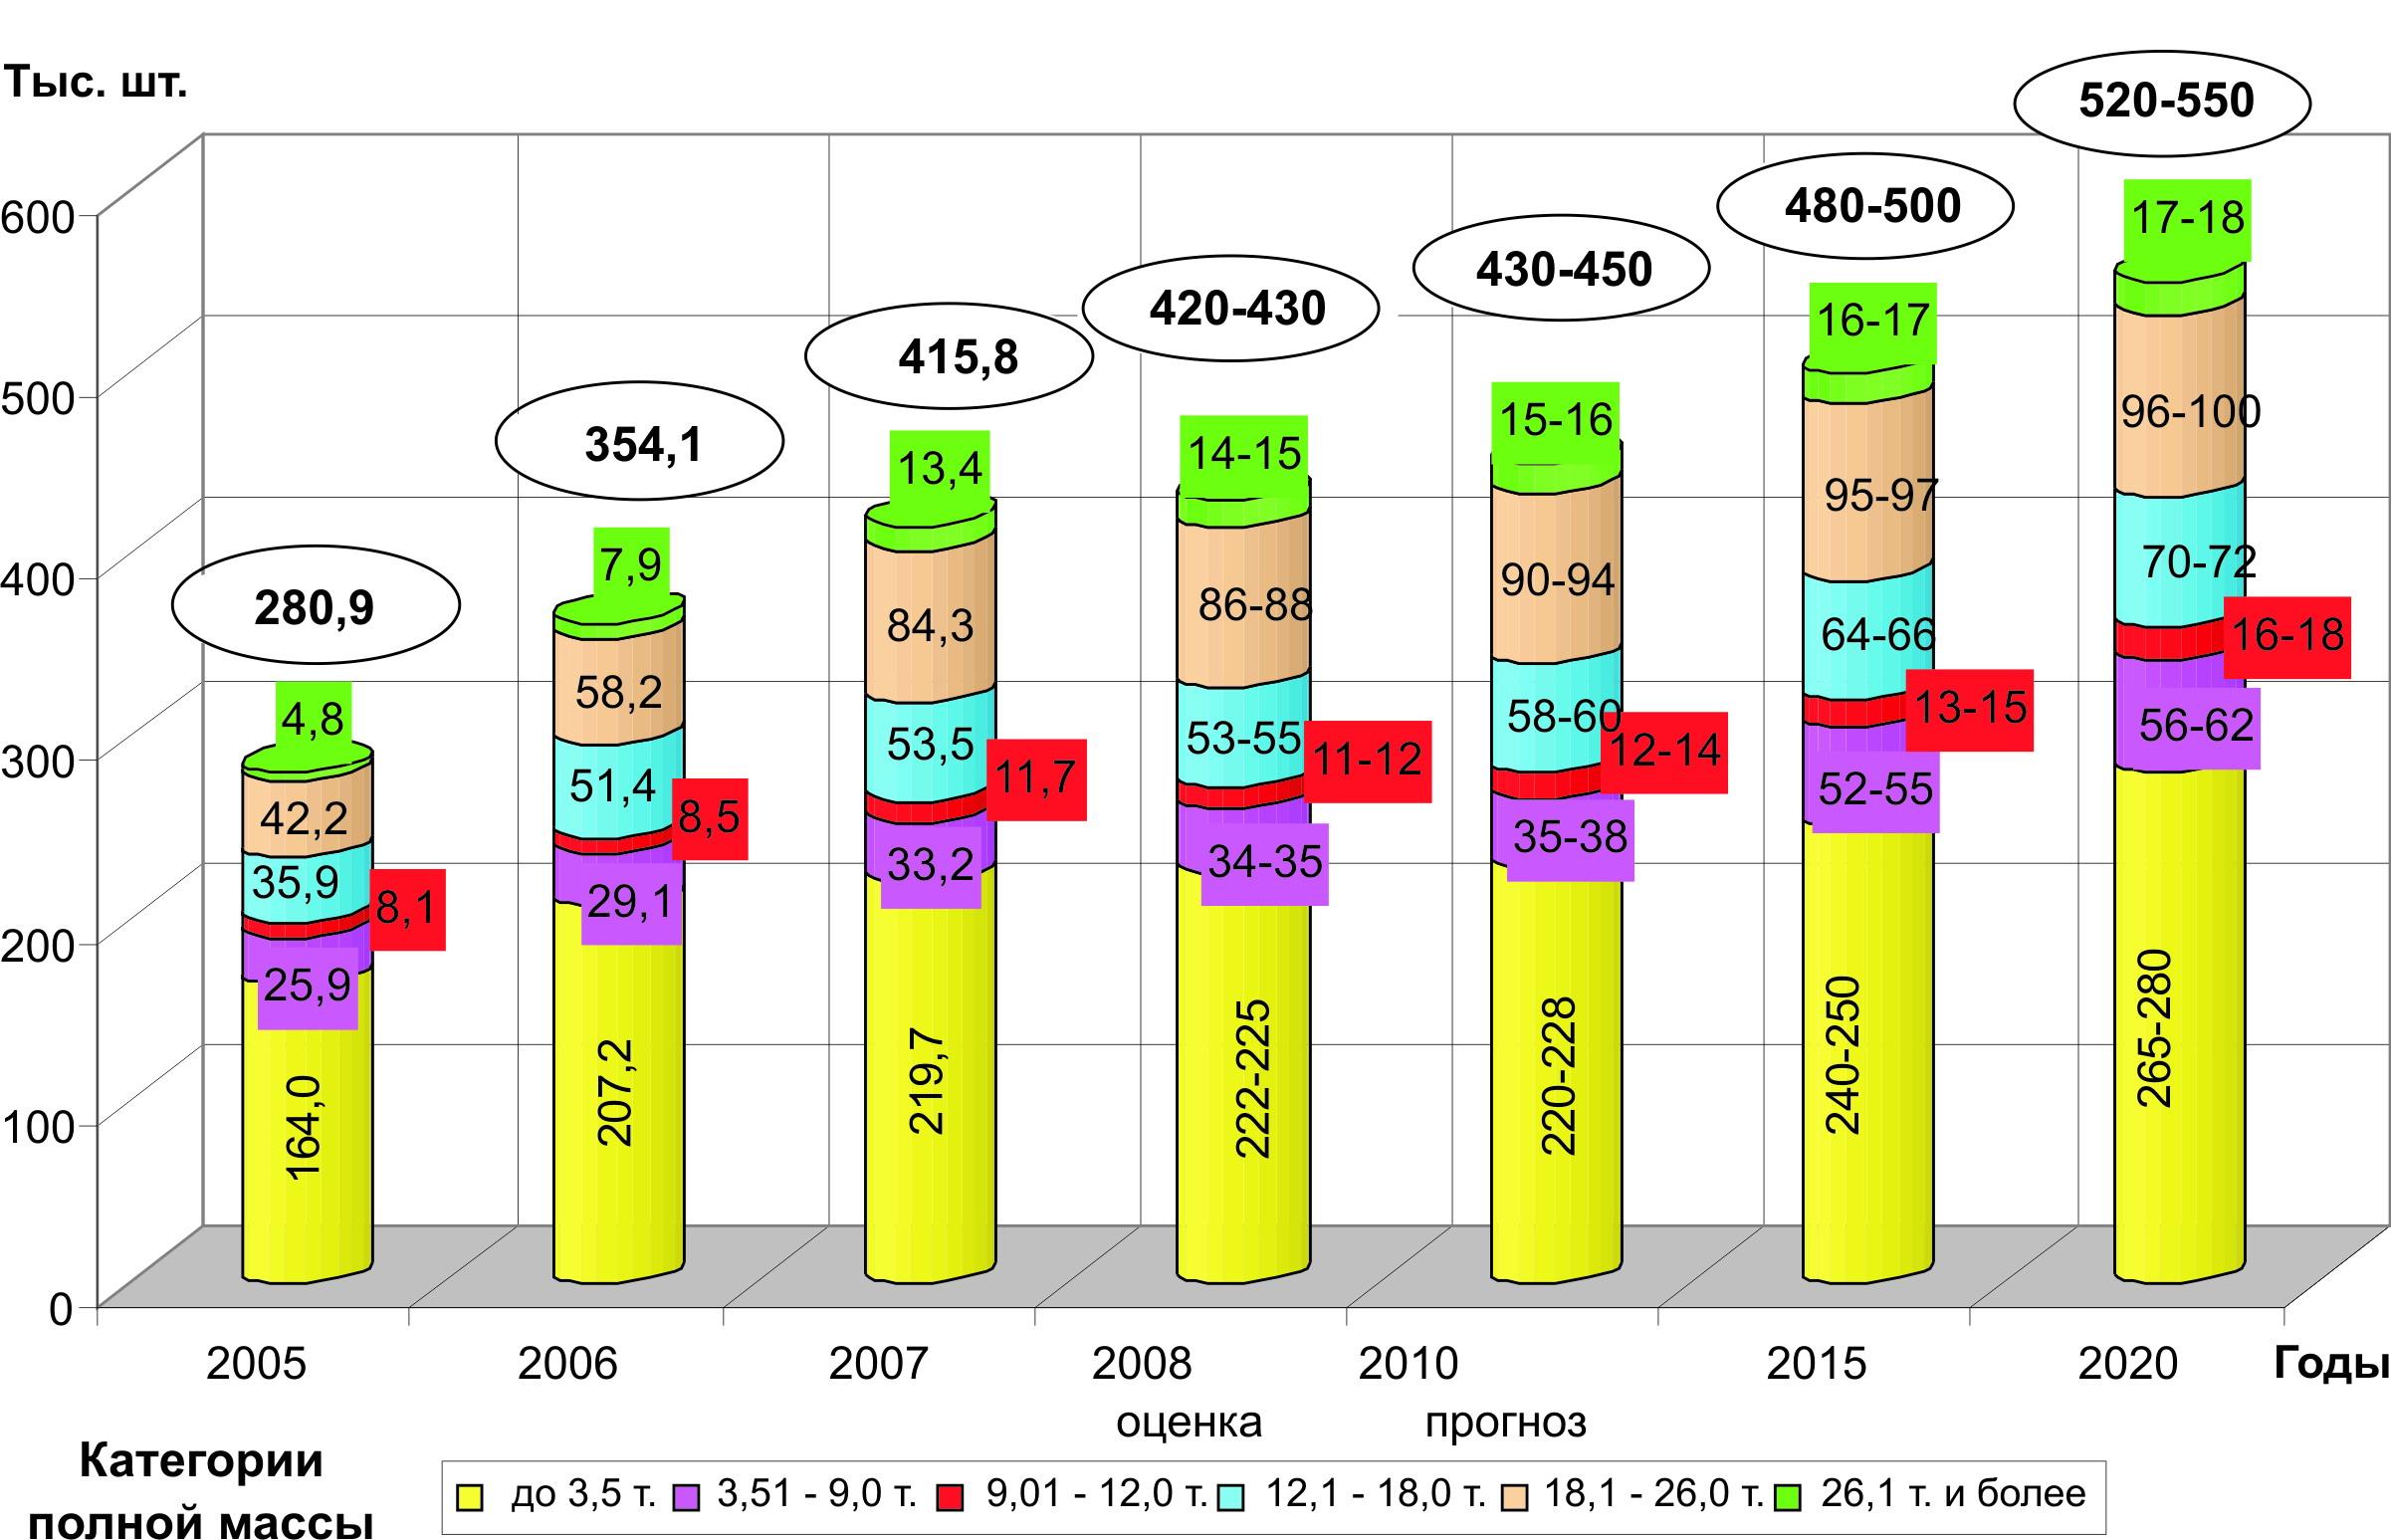 Структура грузового рынка РФ до 2020 г.